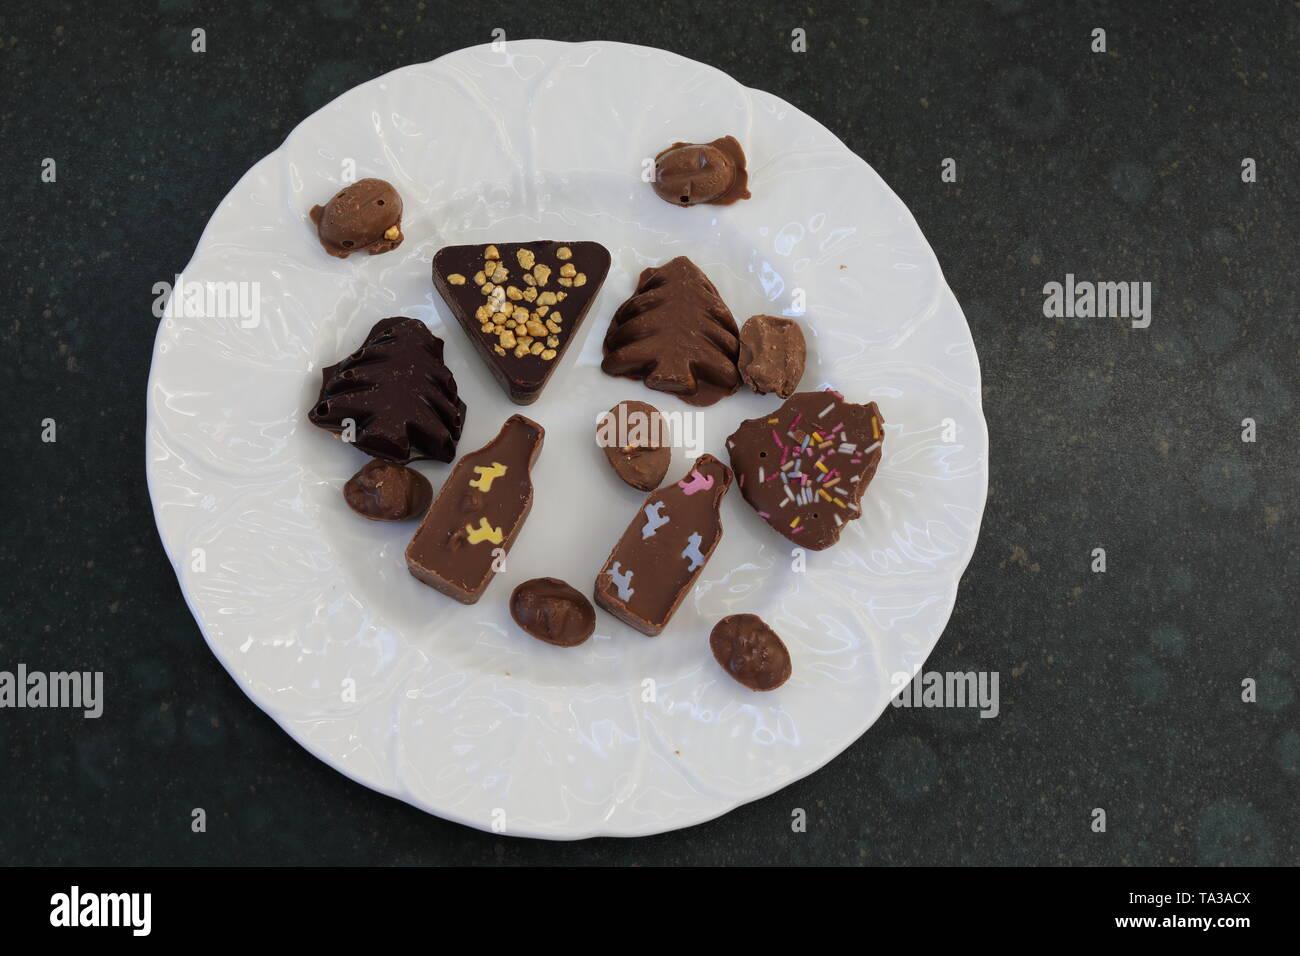 Una piastra bianca contenente una miscela di pezzetti di cioccolato in una varietà di forme Immagini Stock